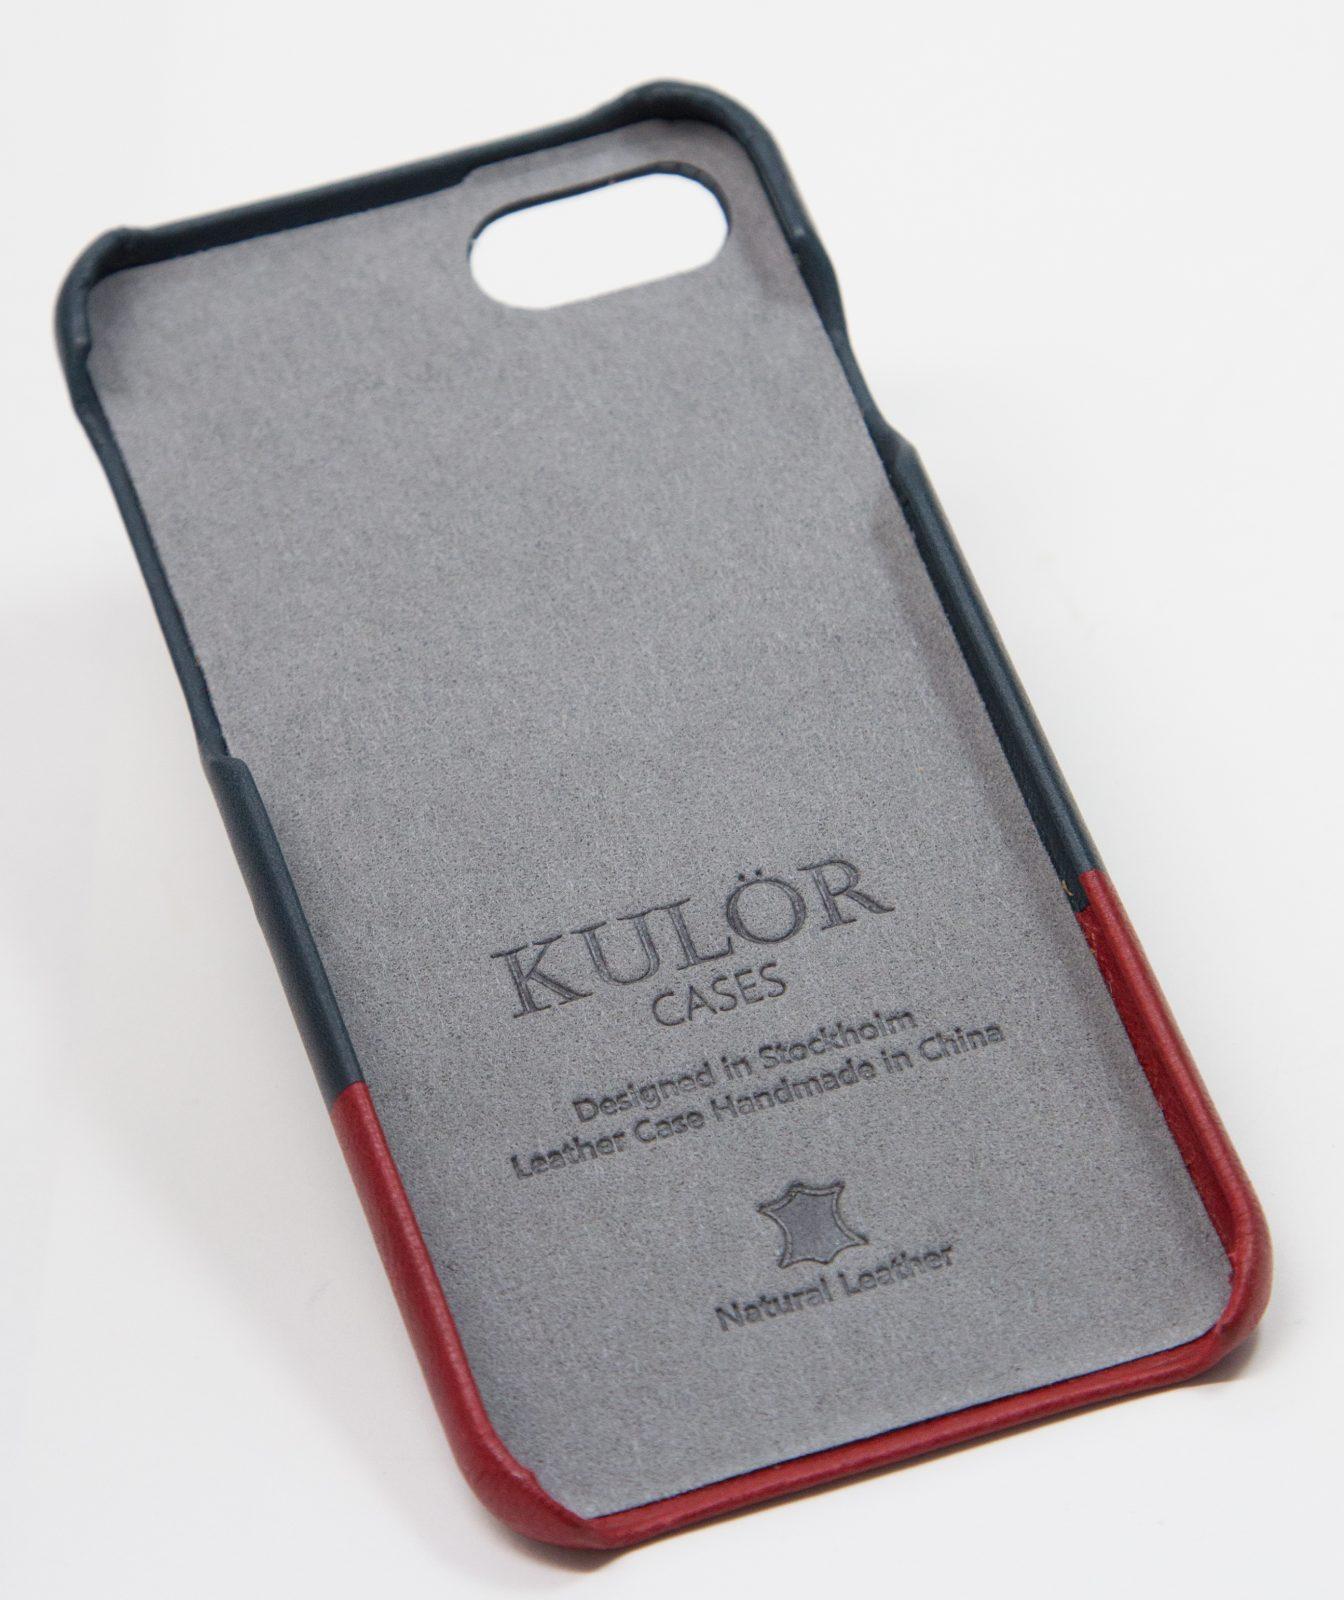 Kulor iPhoneケース